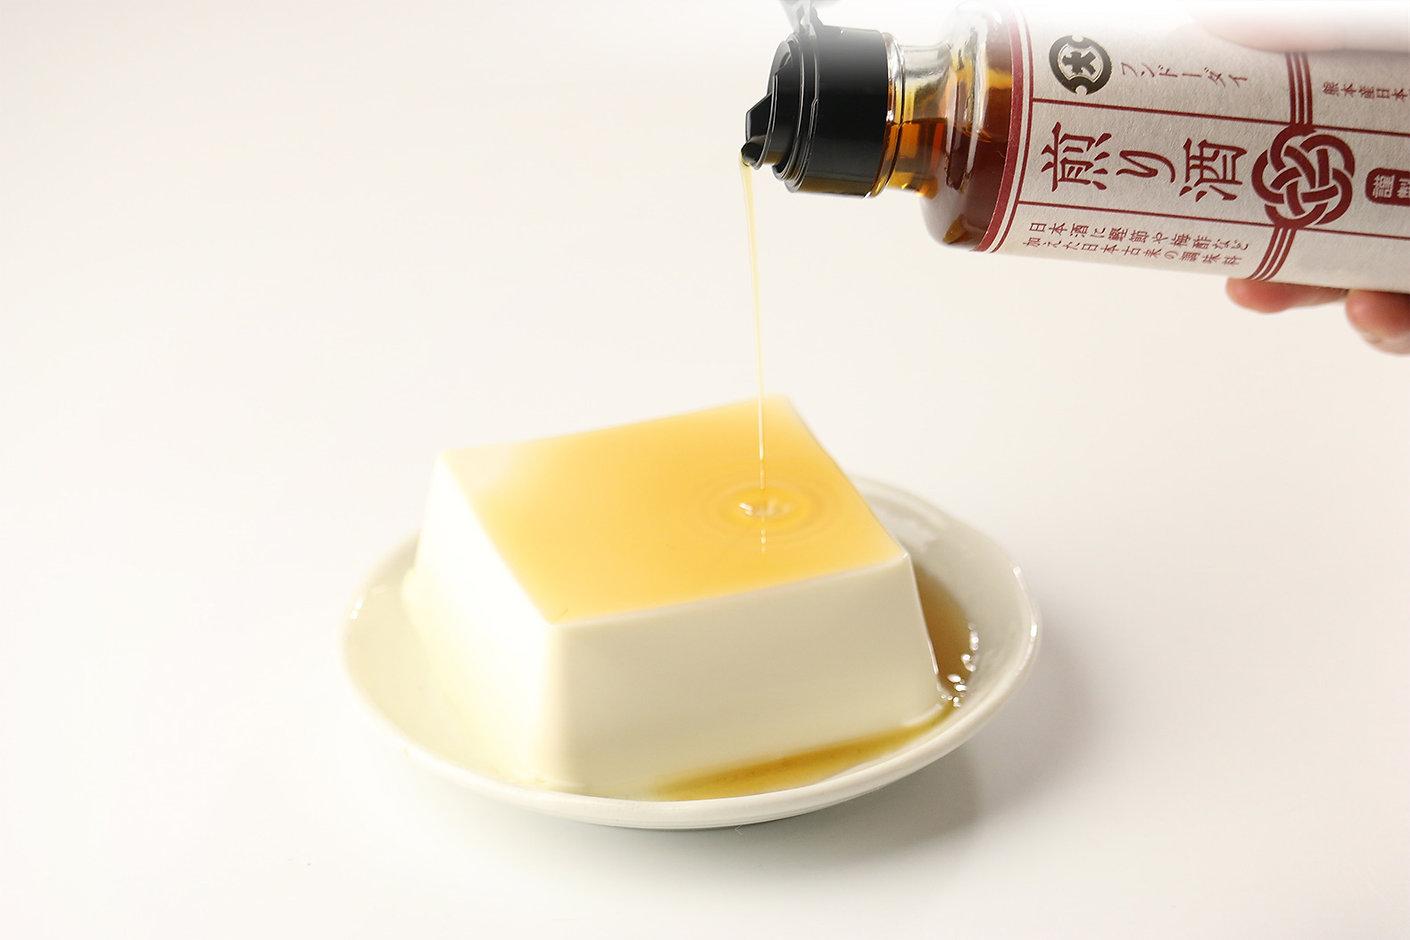 煎り酒豆腐1580文字修正.jpg